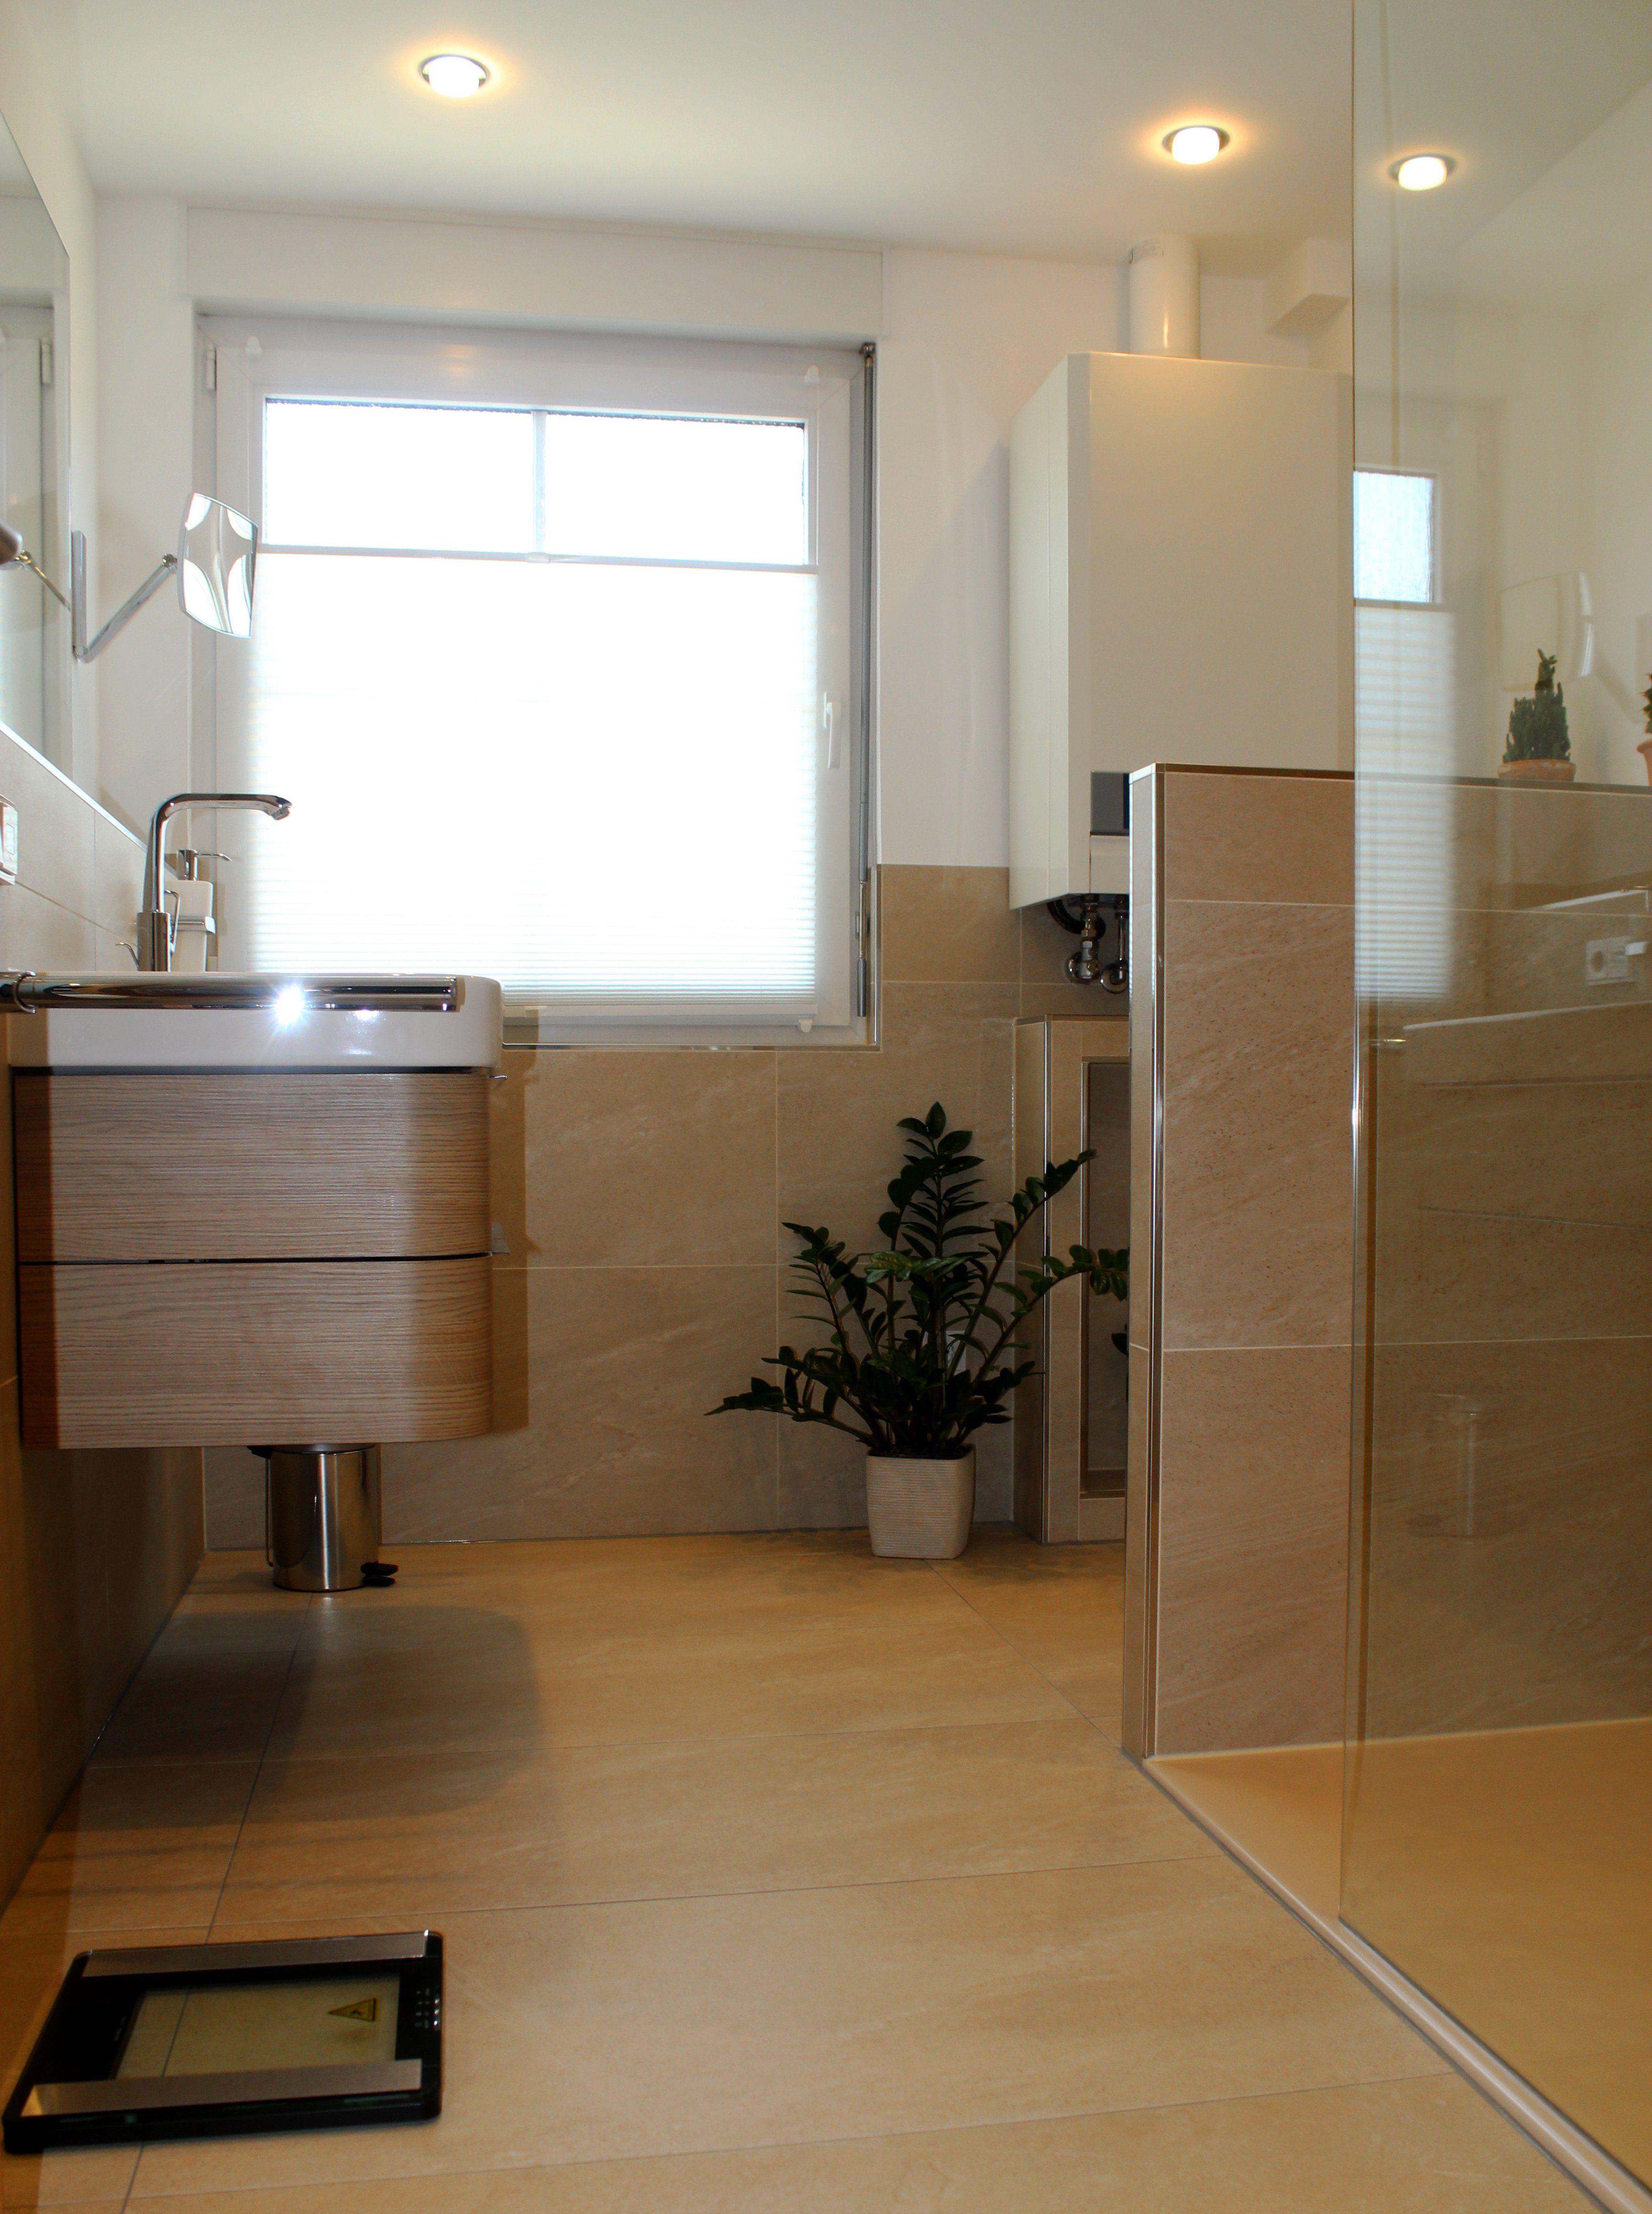 Seniorengerechtes Bad In Naturtonen Wohnen Kleine Badezimmer Dusche